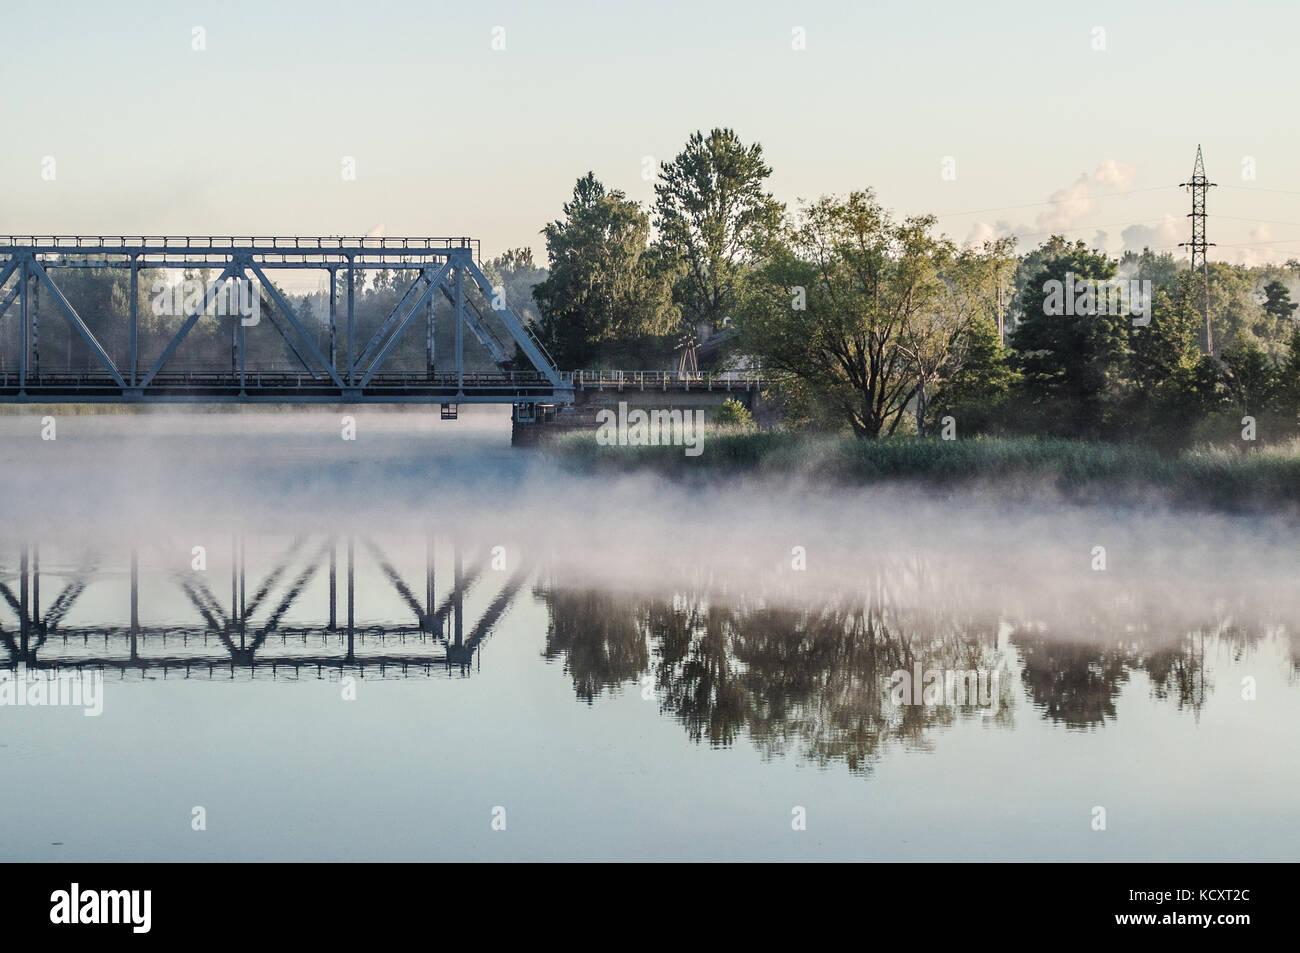 Puente ferroviario sobre Misty Lake. La reflexión sobre la superficie del agua. Imagen De Stock